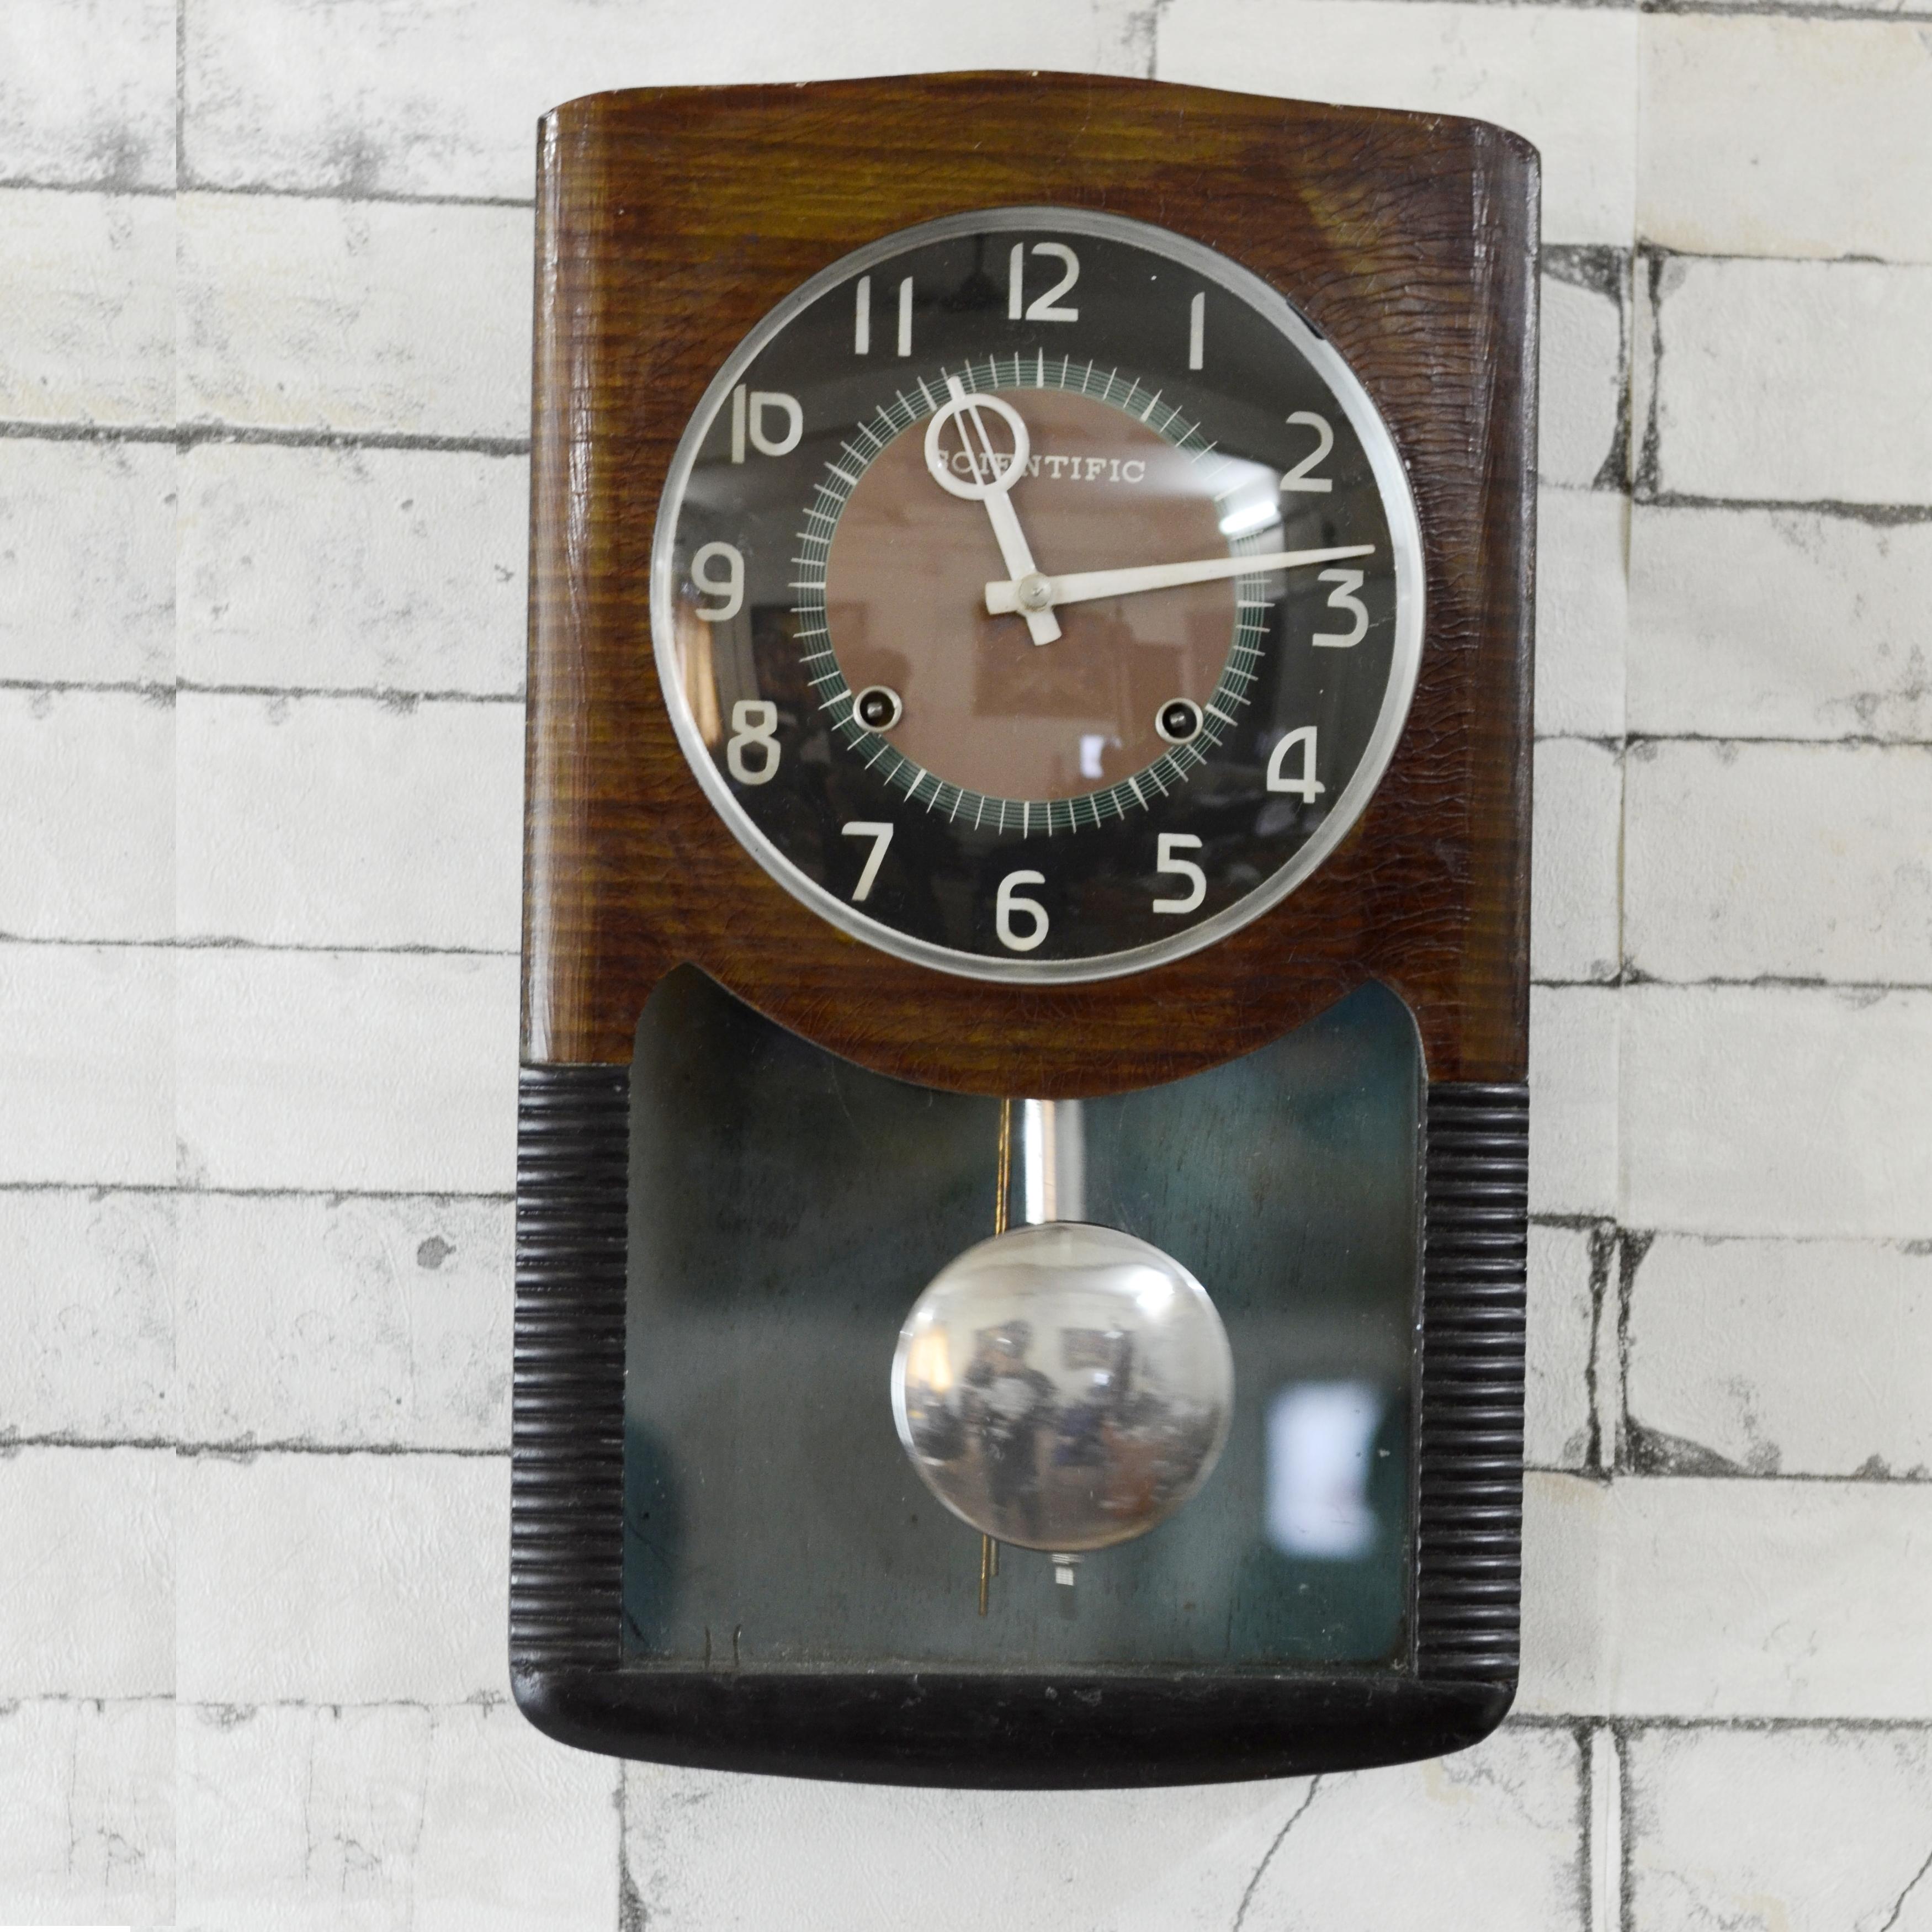 Original Antique Working Scientific Bim Bam Clock Antikcart